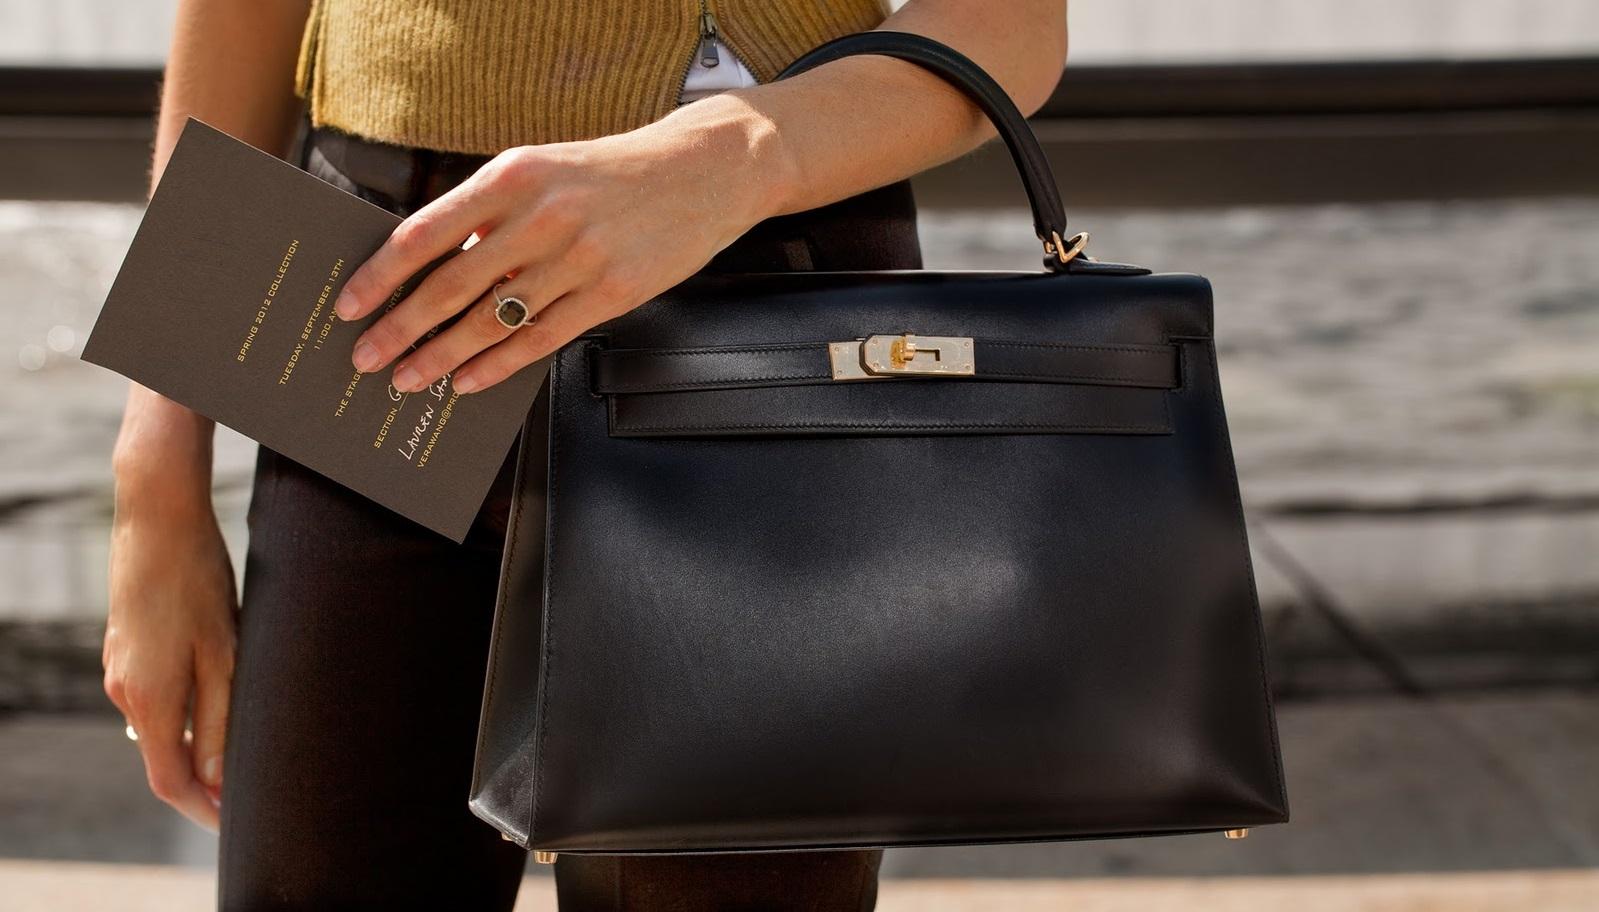 Sai riconoscere una borsa Hermes originale da un falso? [TEST]